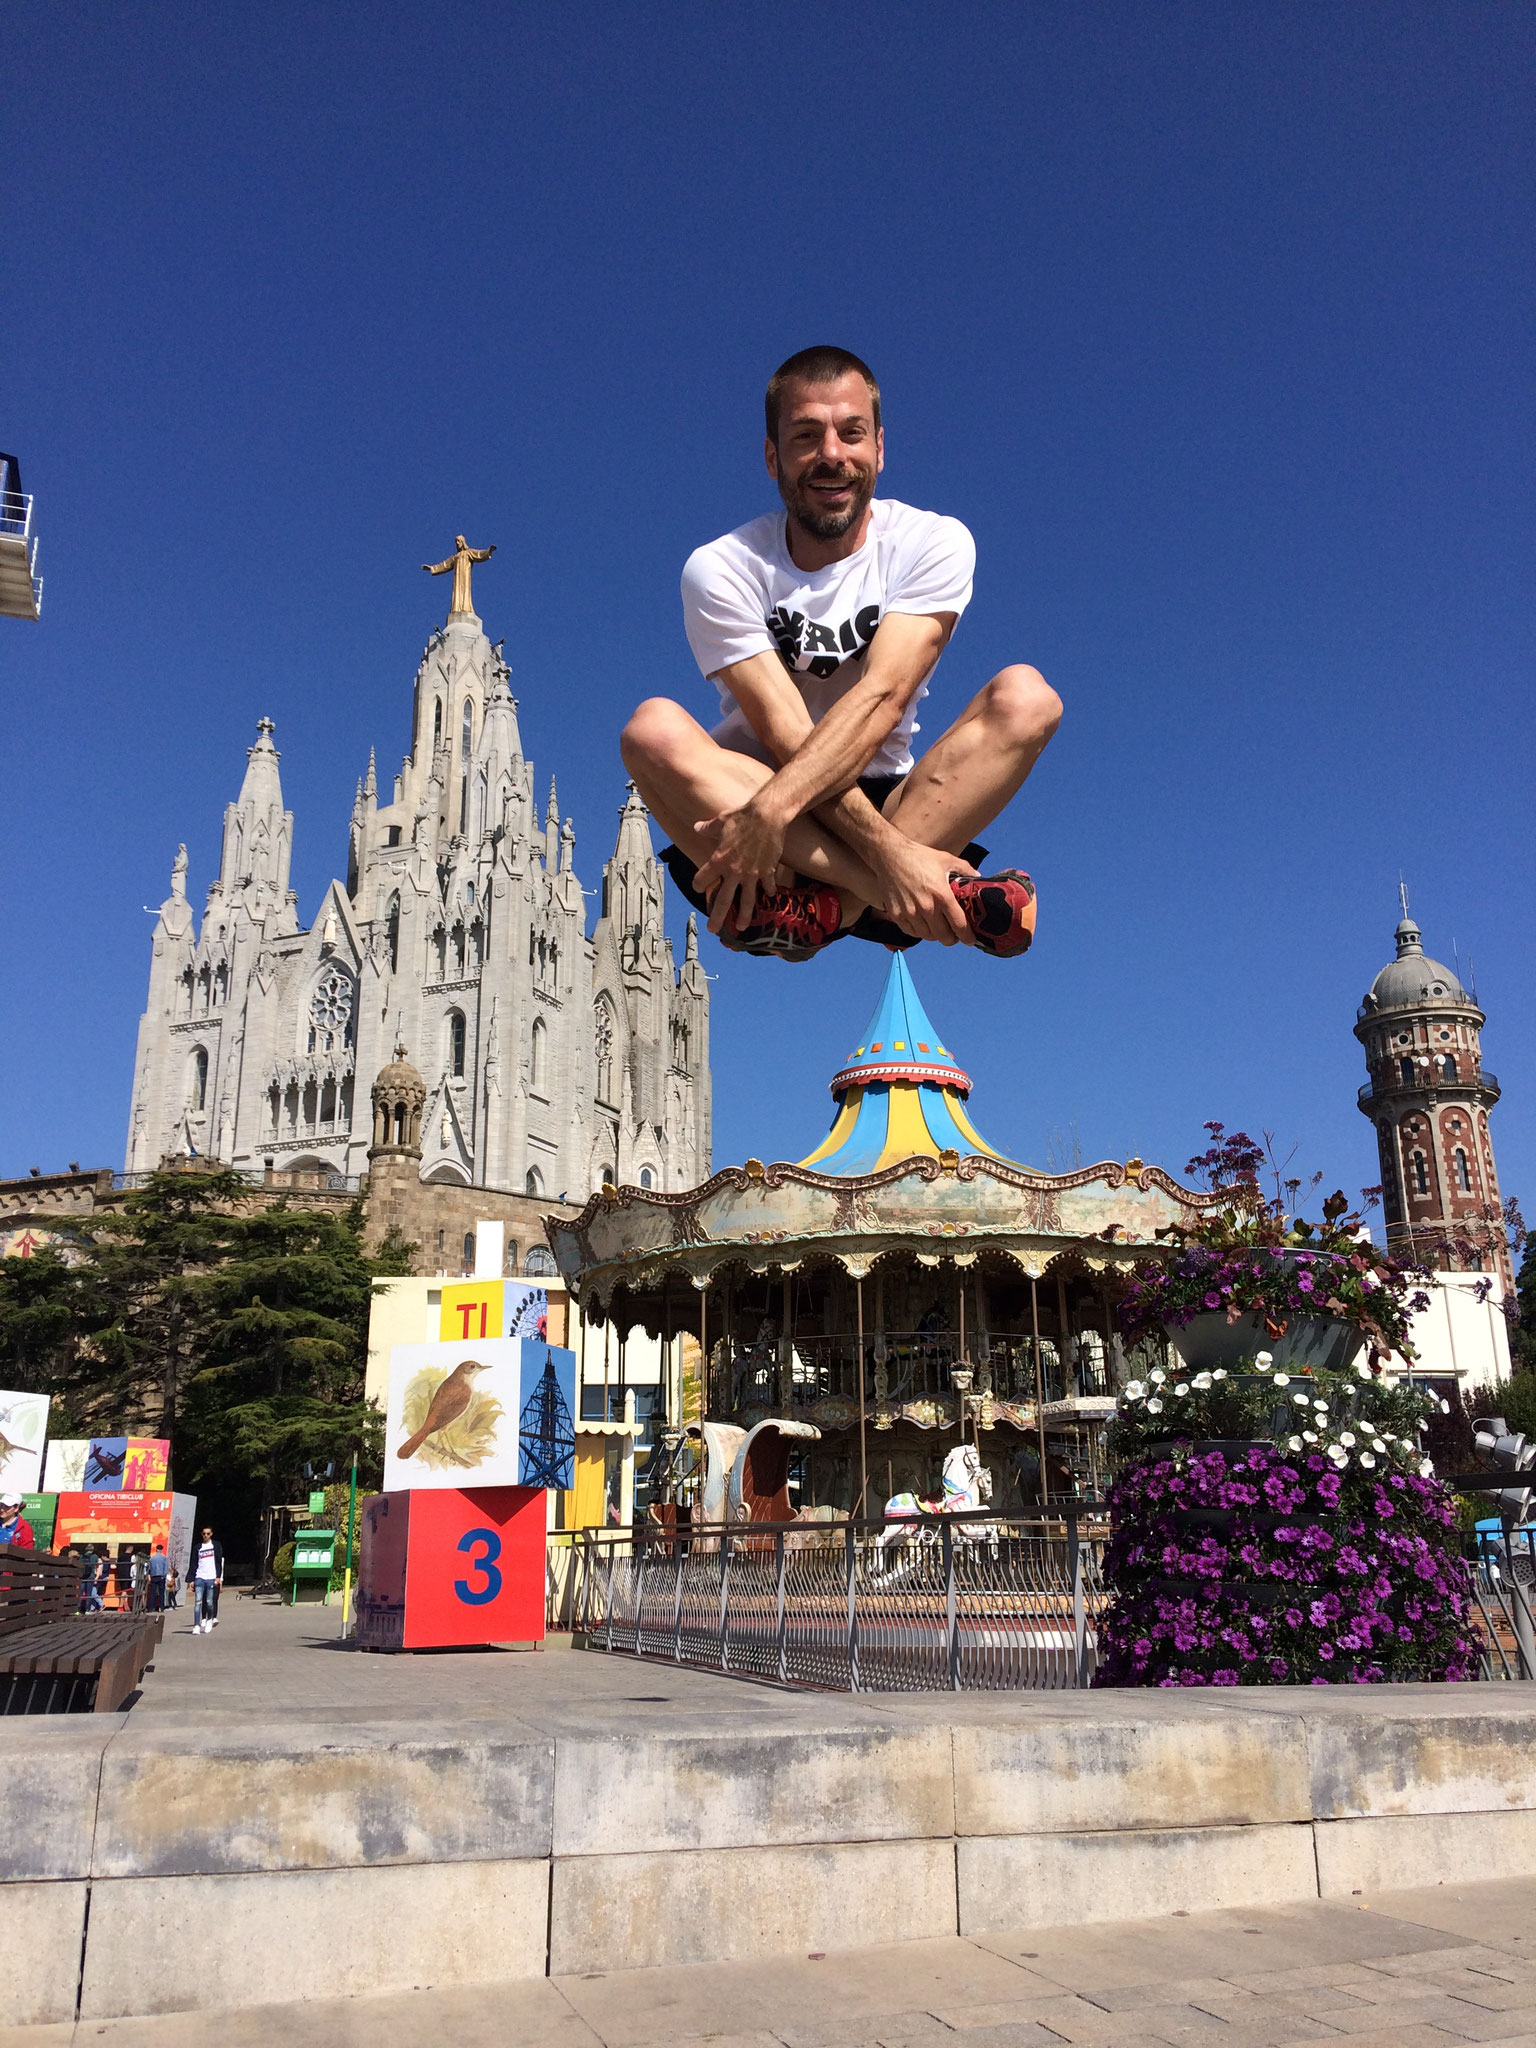 Enric Llinares, Entrenador Personal Barcelona